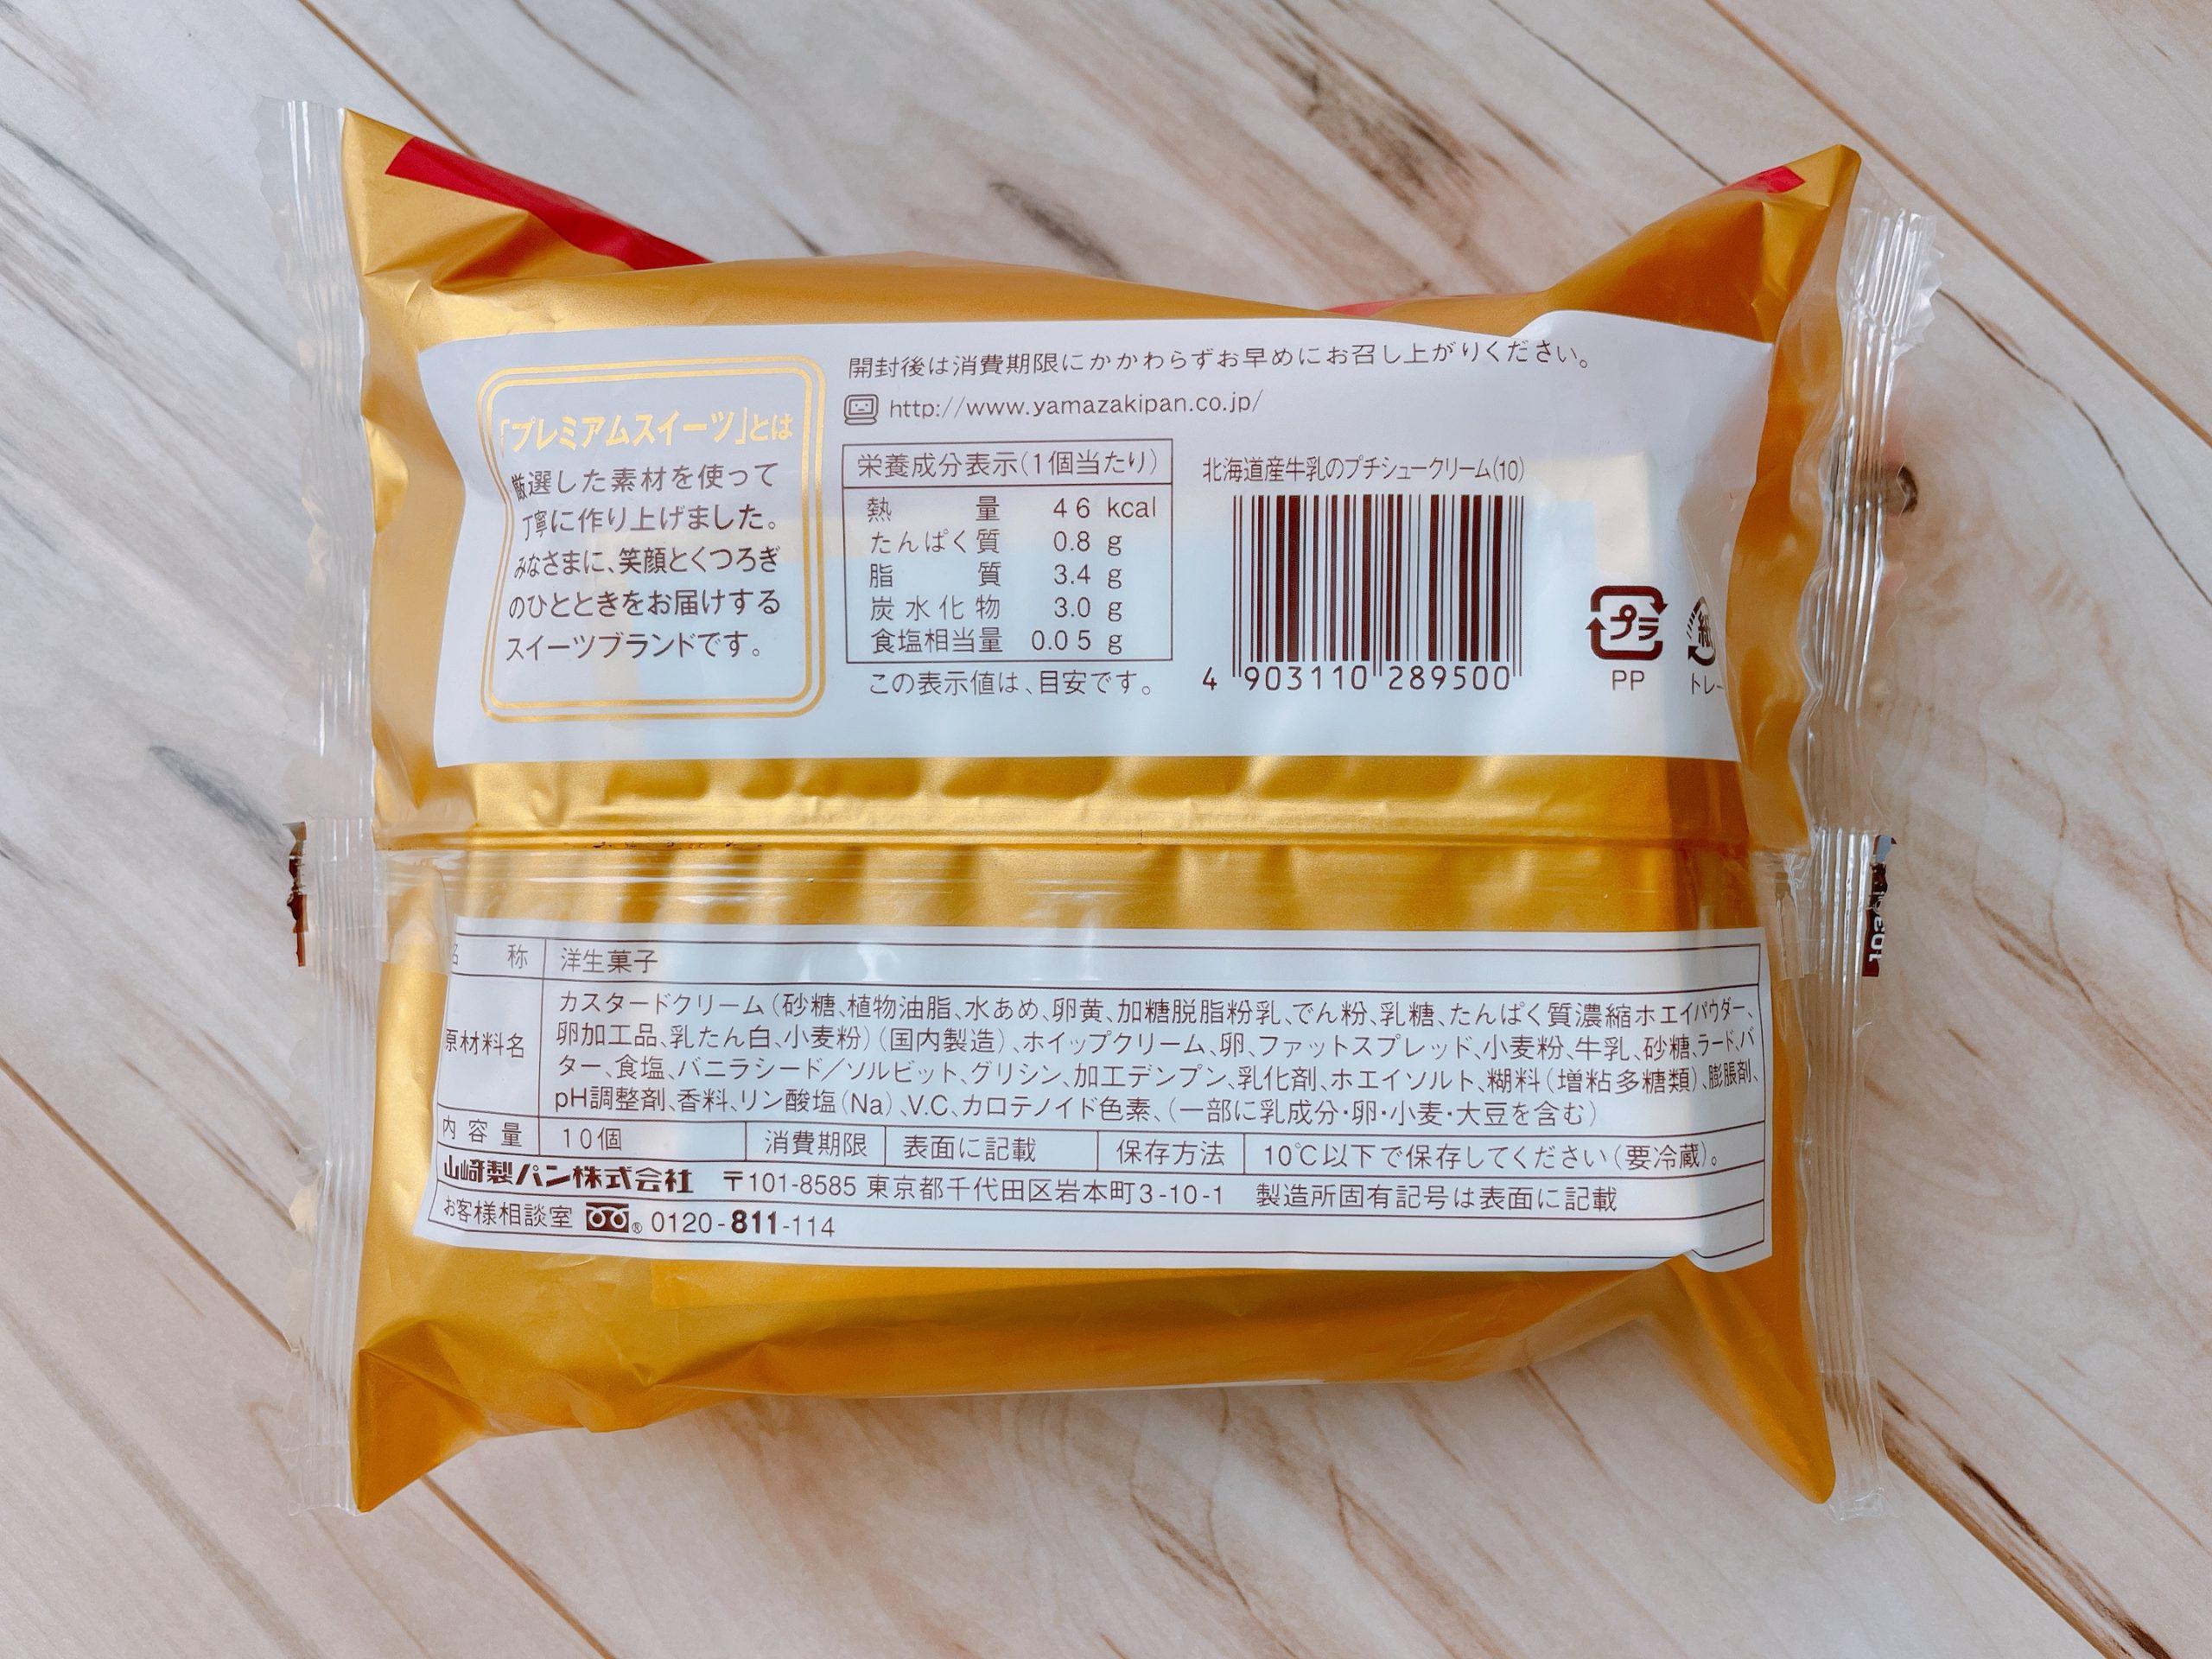 北海道産牛乳のプチシュークリームの原材料やカロリーなど